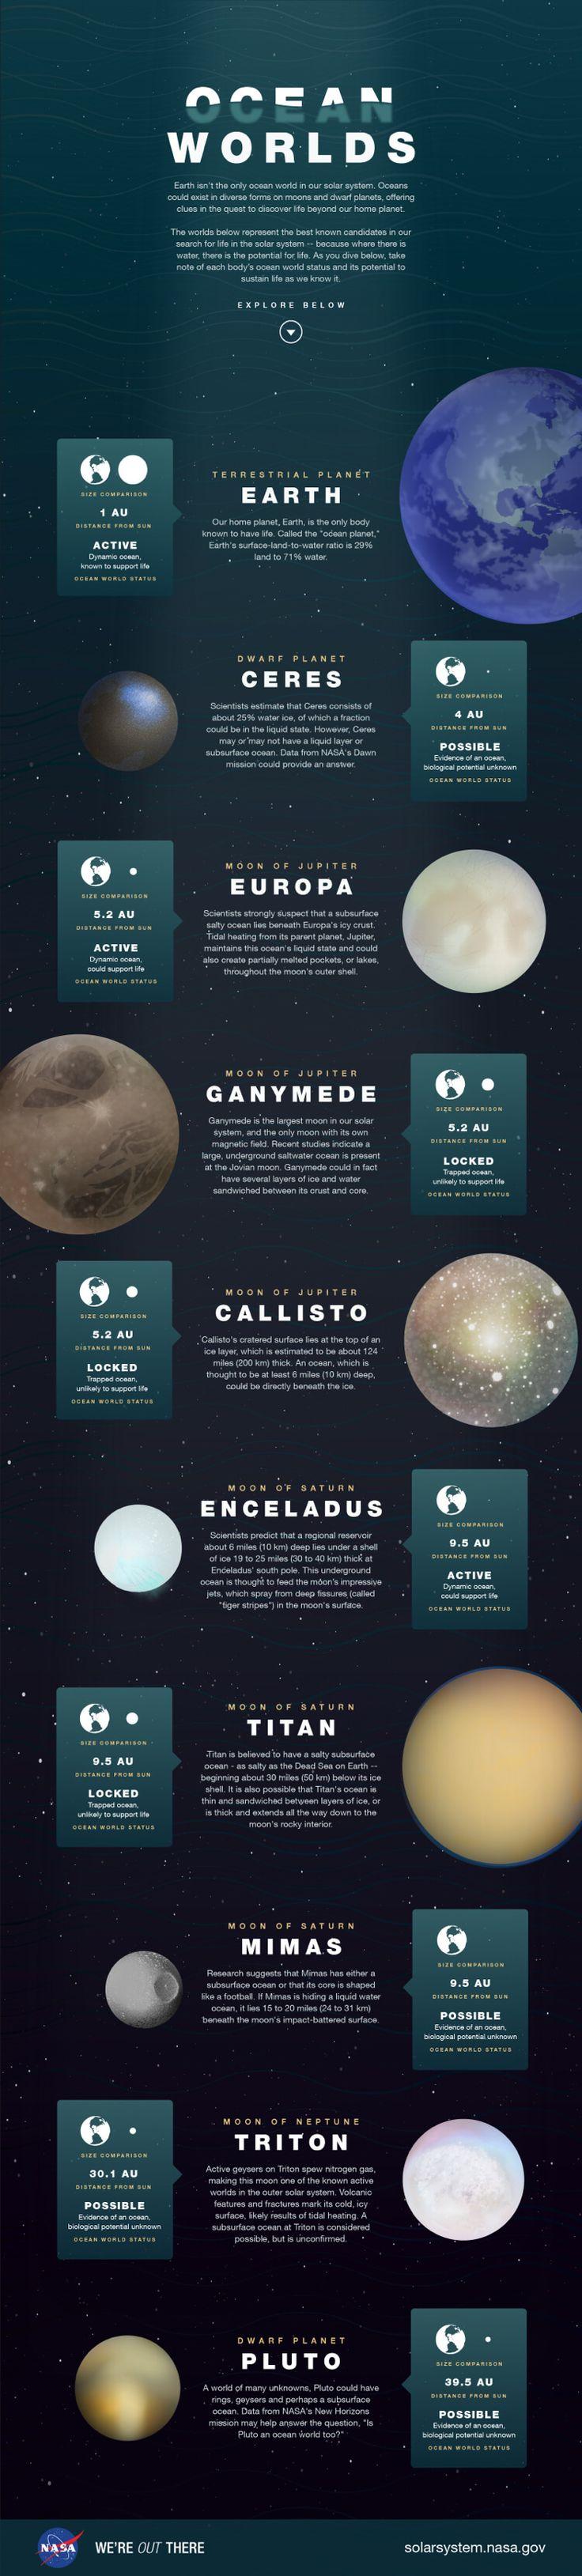 d98b0261830cc7c899c6d2360e420152--candidates-dwarf-planet Verwunderlich Das Weltall ist Unendlich Dekorationen